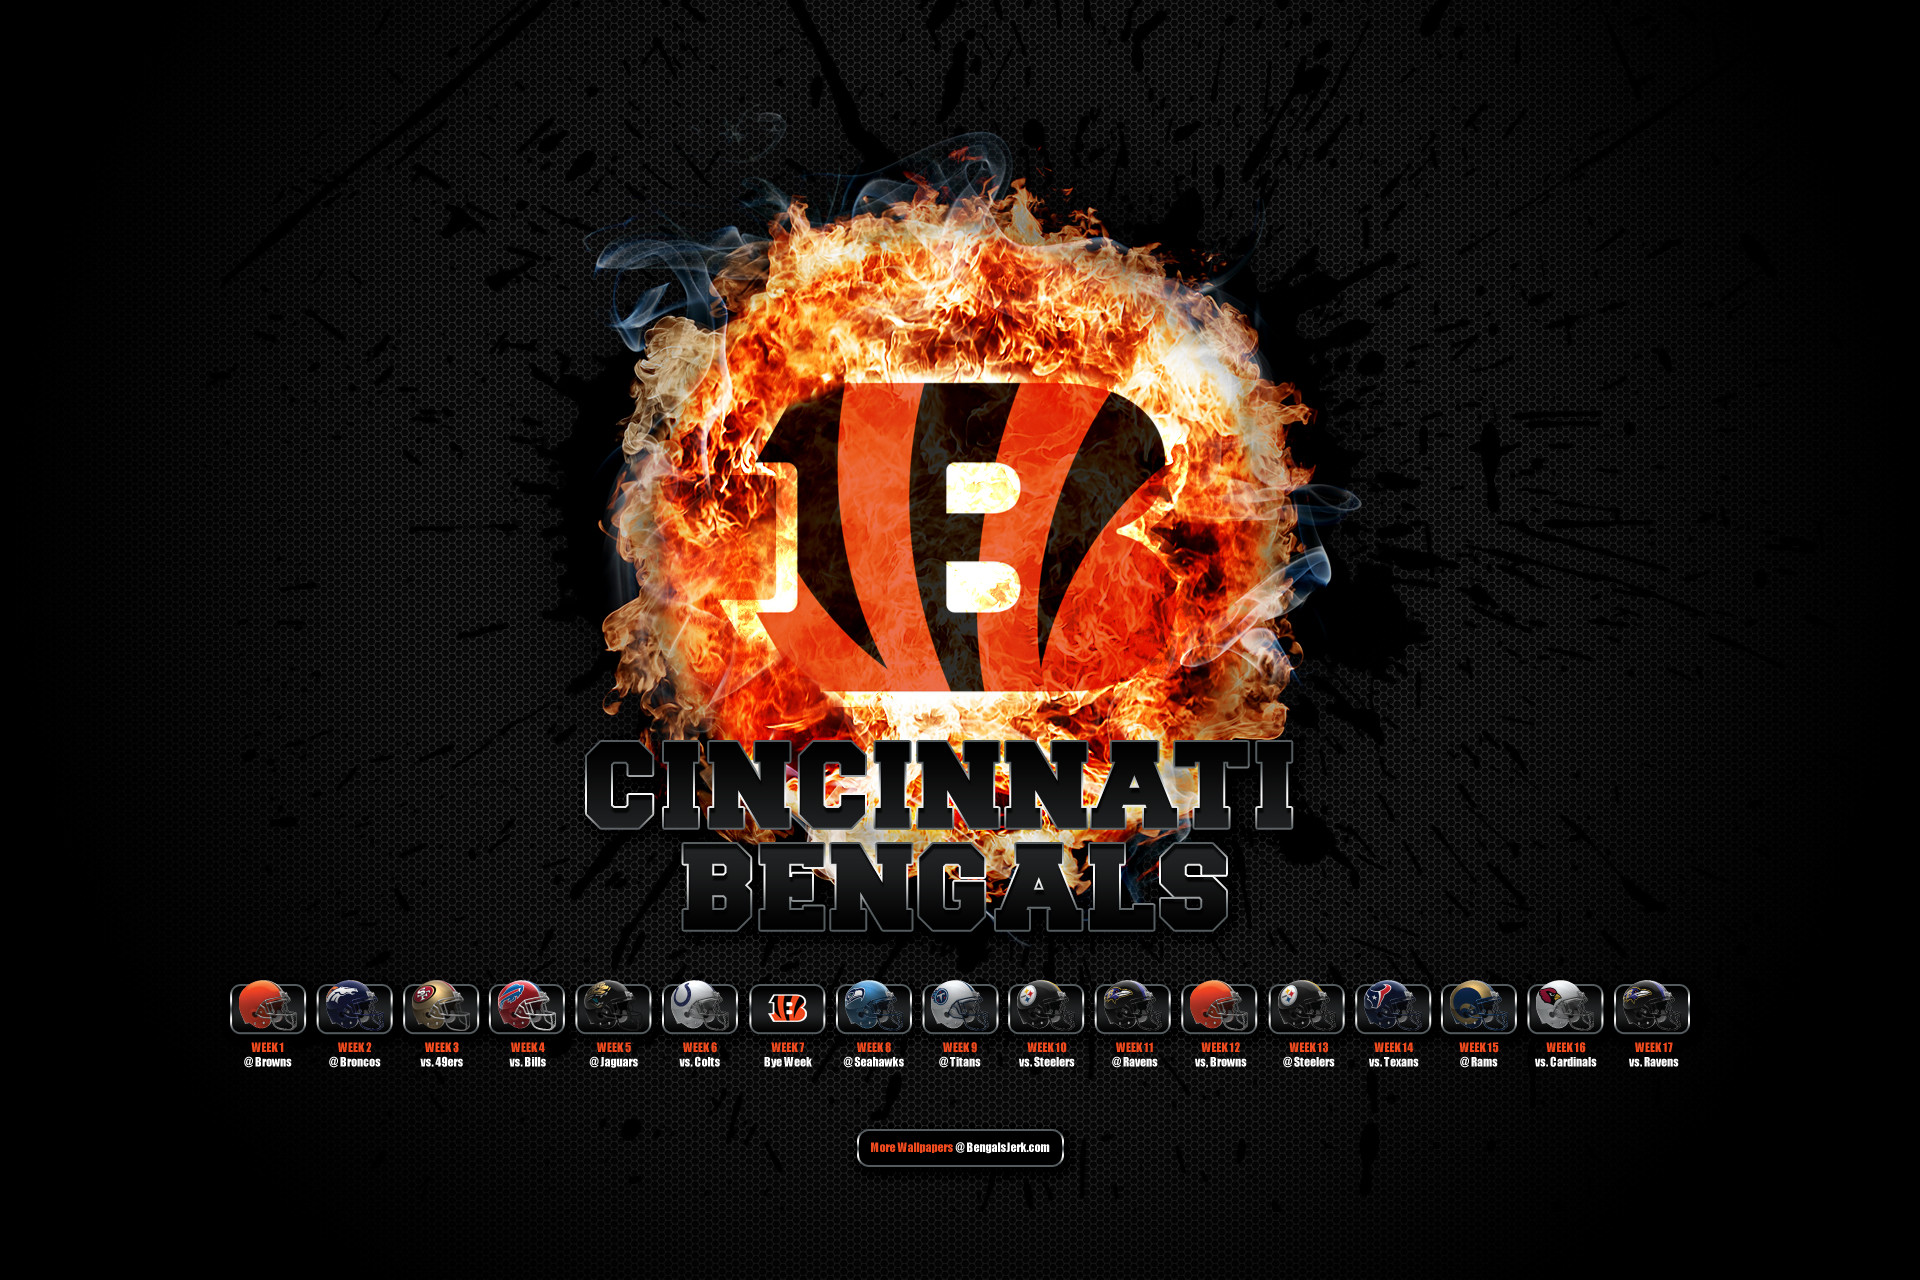 Cincinnati Bengals Logo Wallpapers   BestSportsWallpapers.com